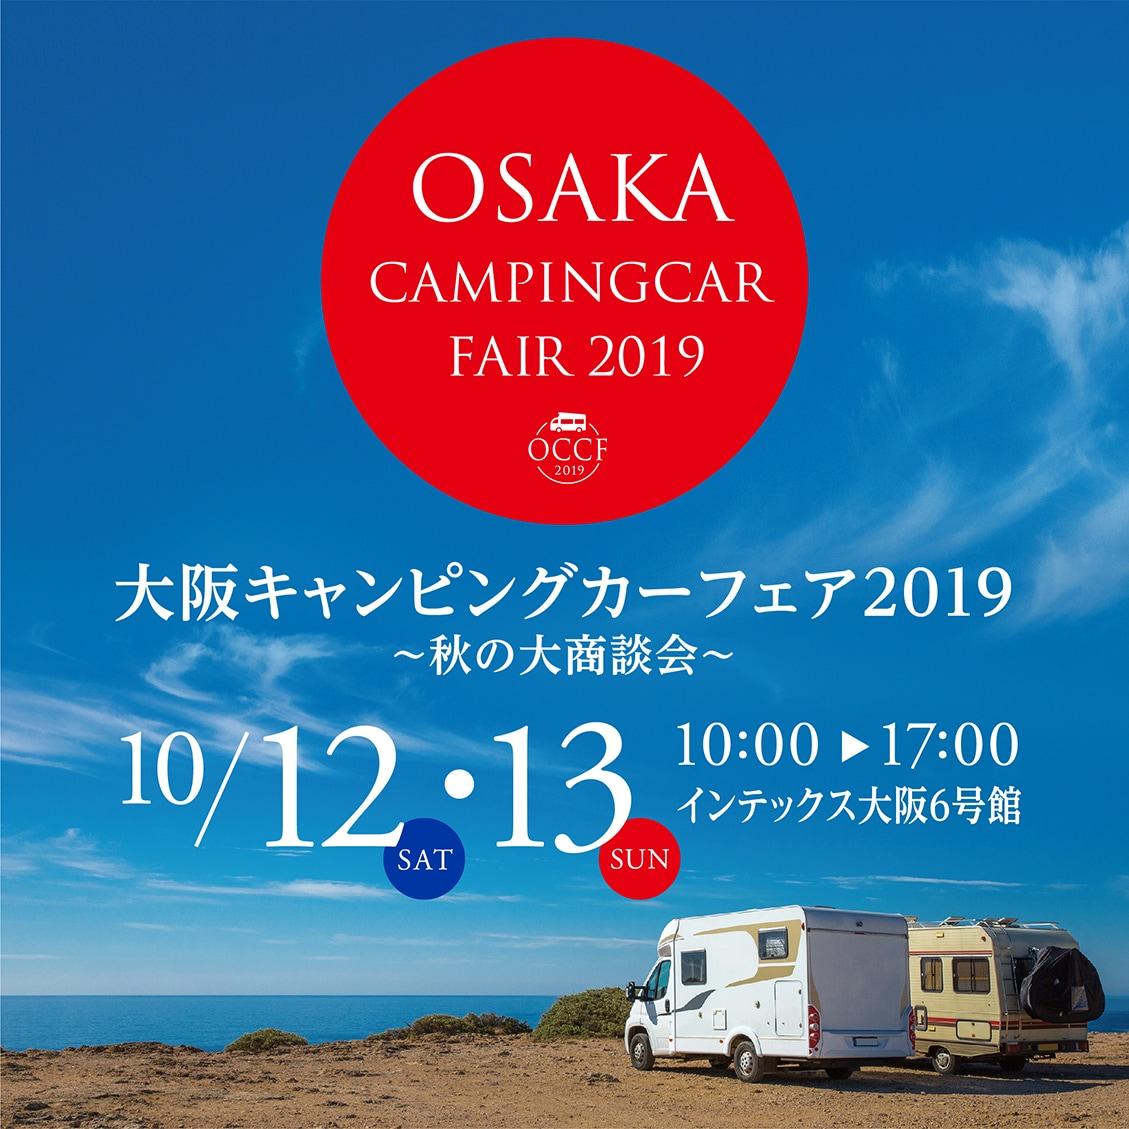 大阪キャンピングカーフェア2019秋の大商談会